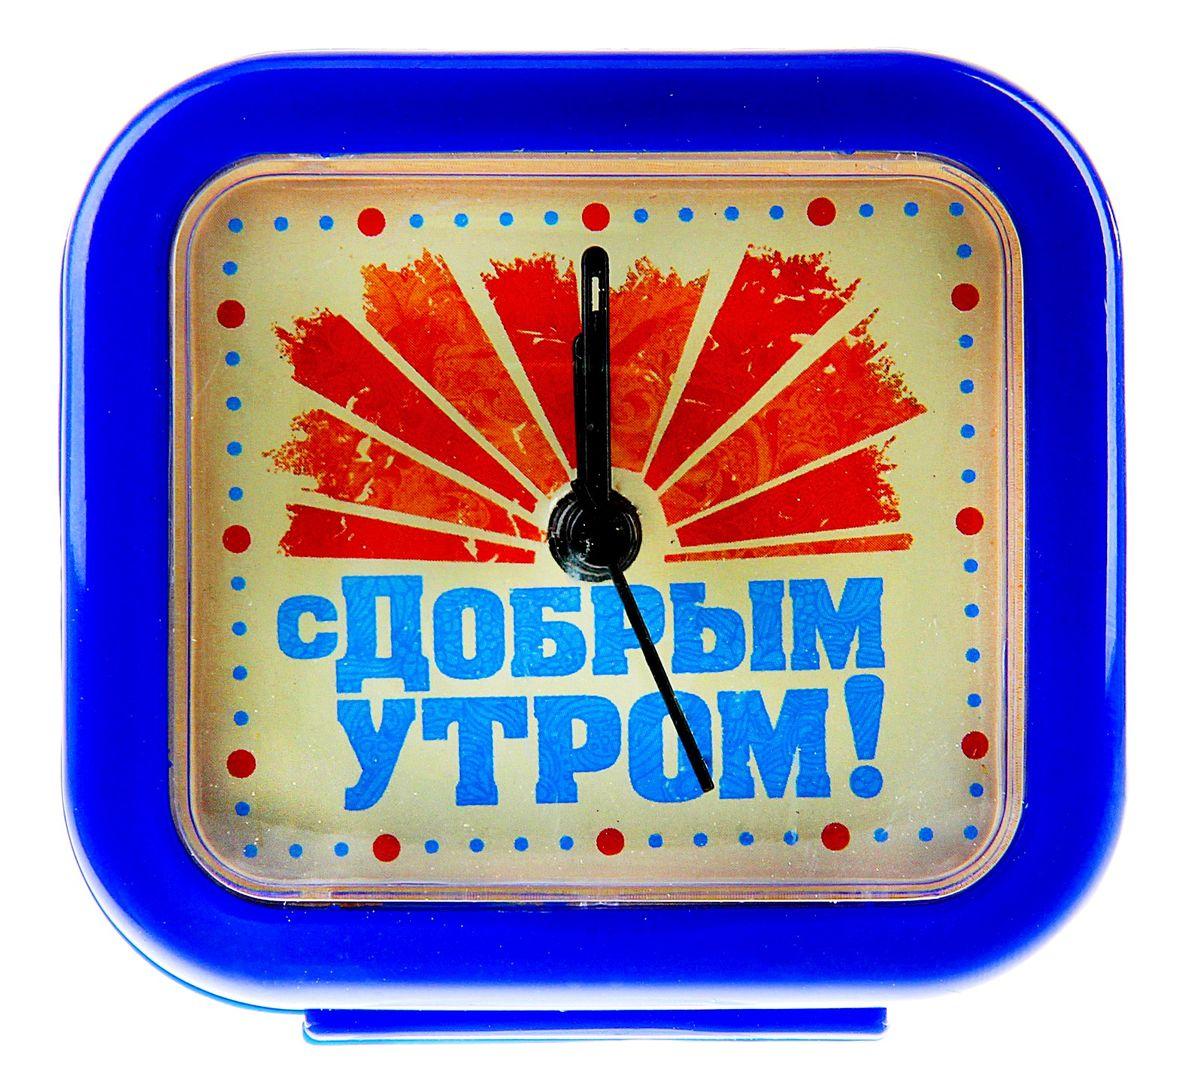 Часы-будильник Sima-land С добрым утром728399Как же сложно иногда вставать вовремя! Всегда так хочется поспать еще хотя бы 5 минут и бывает, что мы просыпаем. Теперь этого не случится! Яркий, оригинальный будильник Sima-land С добрым утром поможет вам всегда вставать в нужное время и успевать везде и всюду. Будильник украсит вашу комнату и приведет в восхищение друзей. Время показывает точно и будит в установленный час. На задней панели будильника расположены переключатель включения/выключения механизма, а также два колесика для настройки текущего времени и времени звонка будильника. Будильник работает от 1 батарейки типа AA напряжением 1,5V (не входит в комплект).